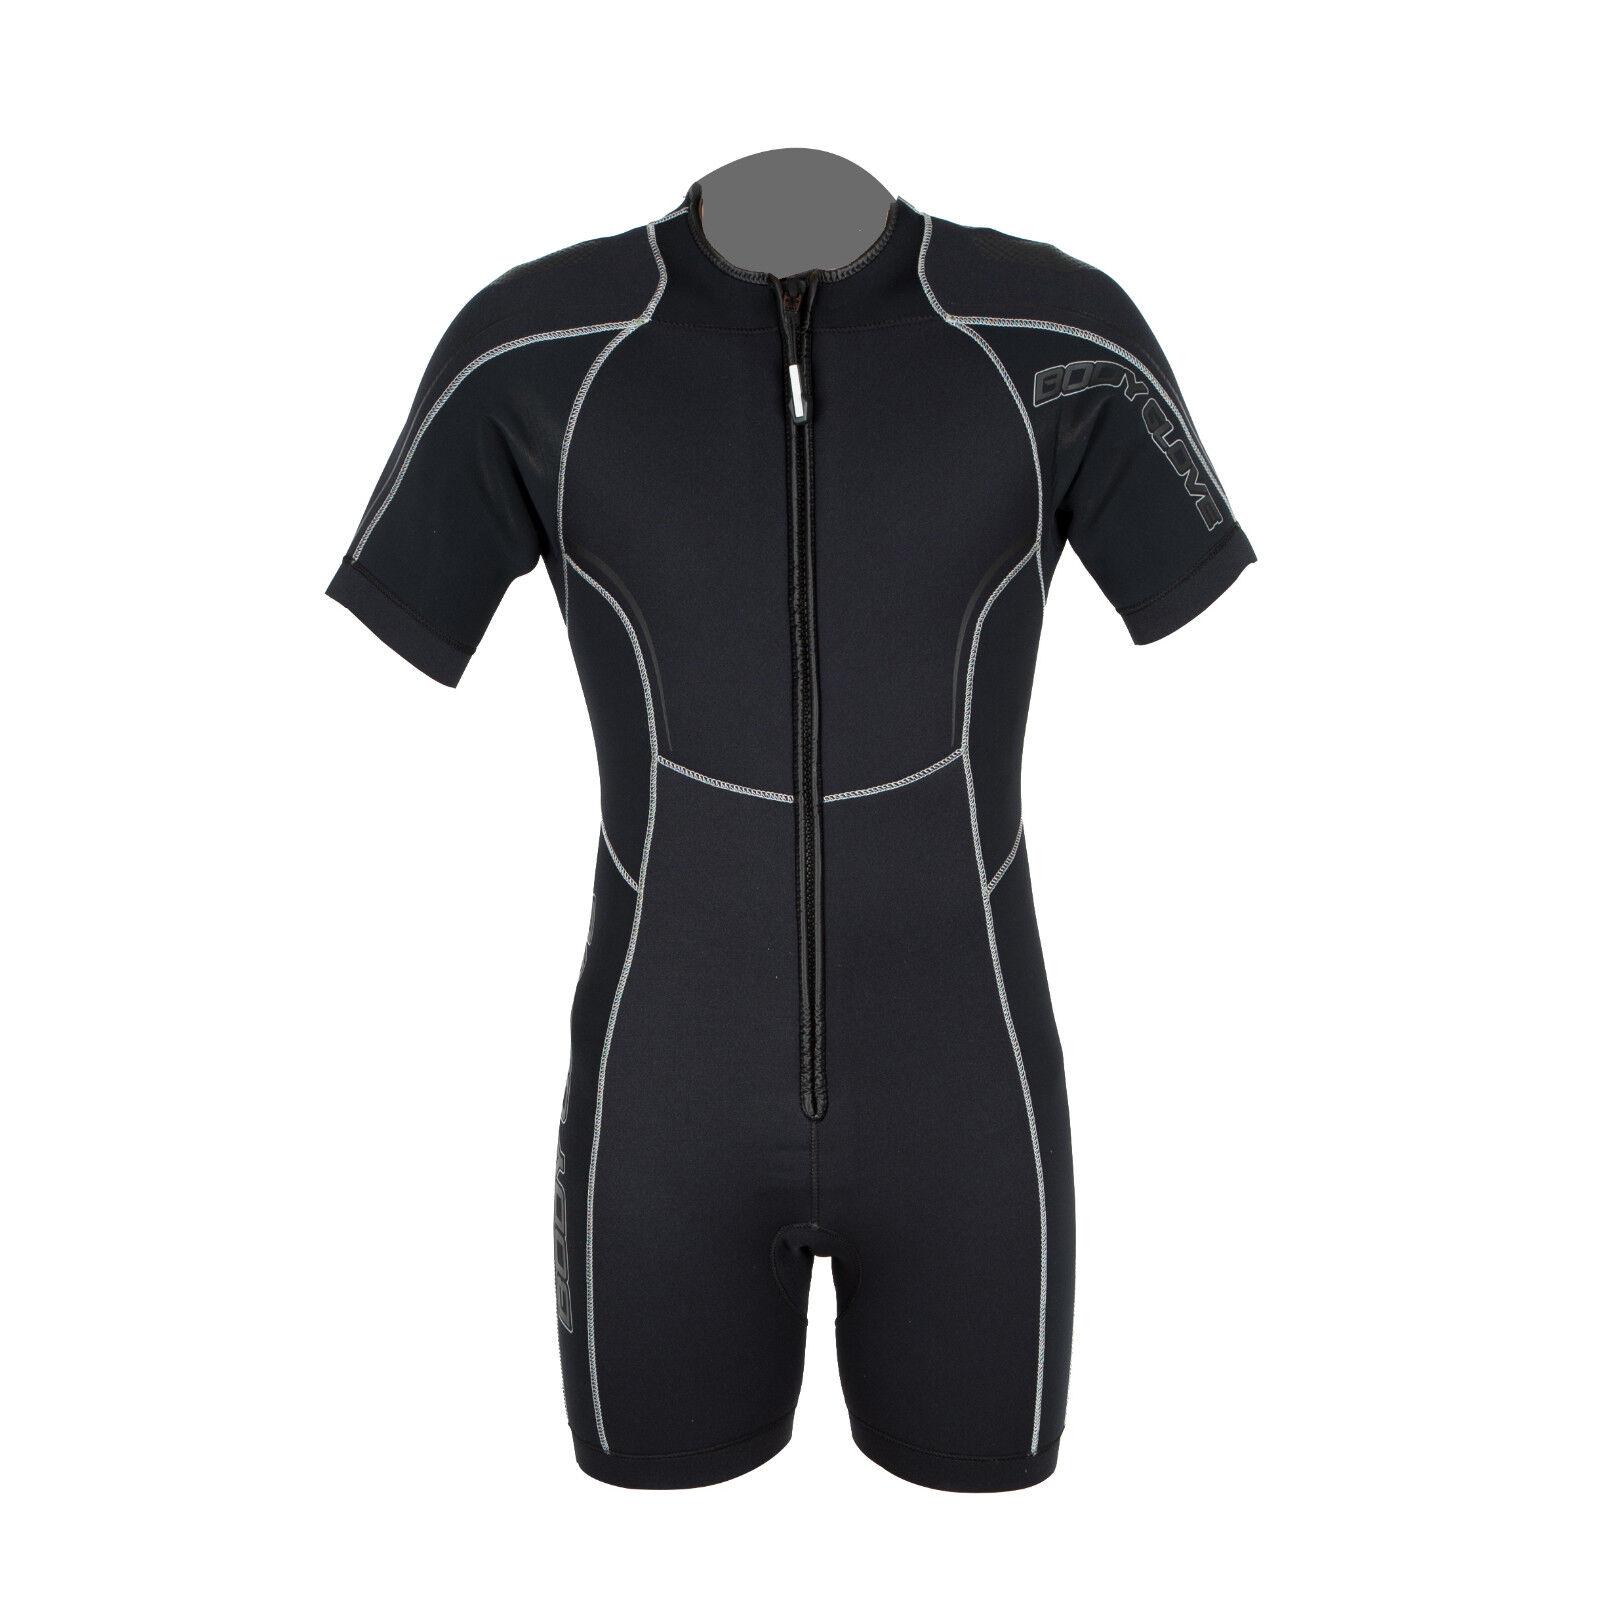 BODY GLOVE Shorty Front Zip Zip Zip 4mm Herren Wetsuit Neoprenanzug Tauchanzug Surfanzug d9c2c8